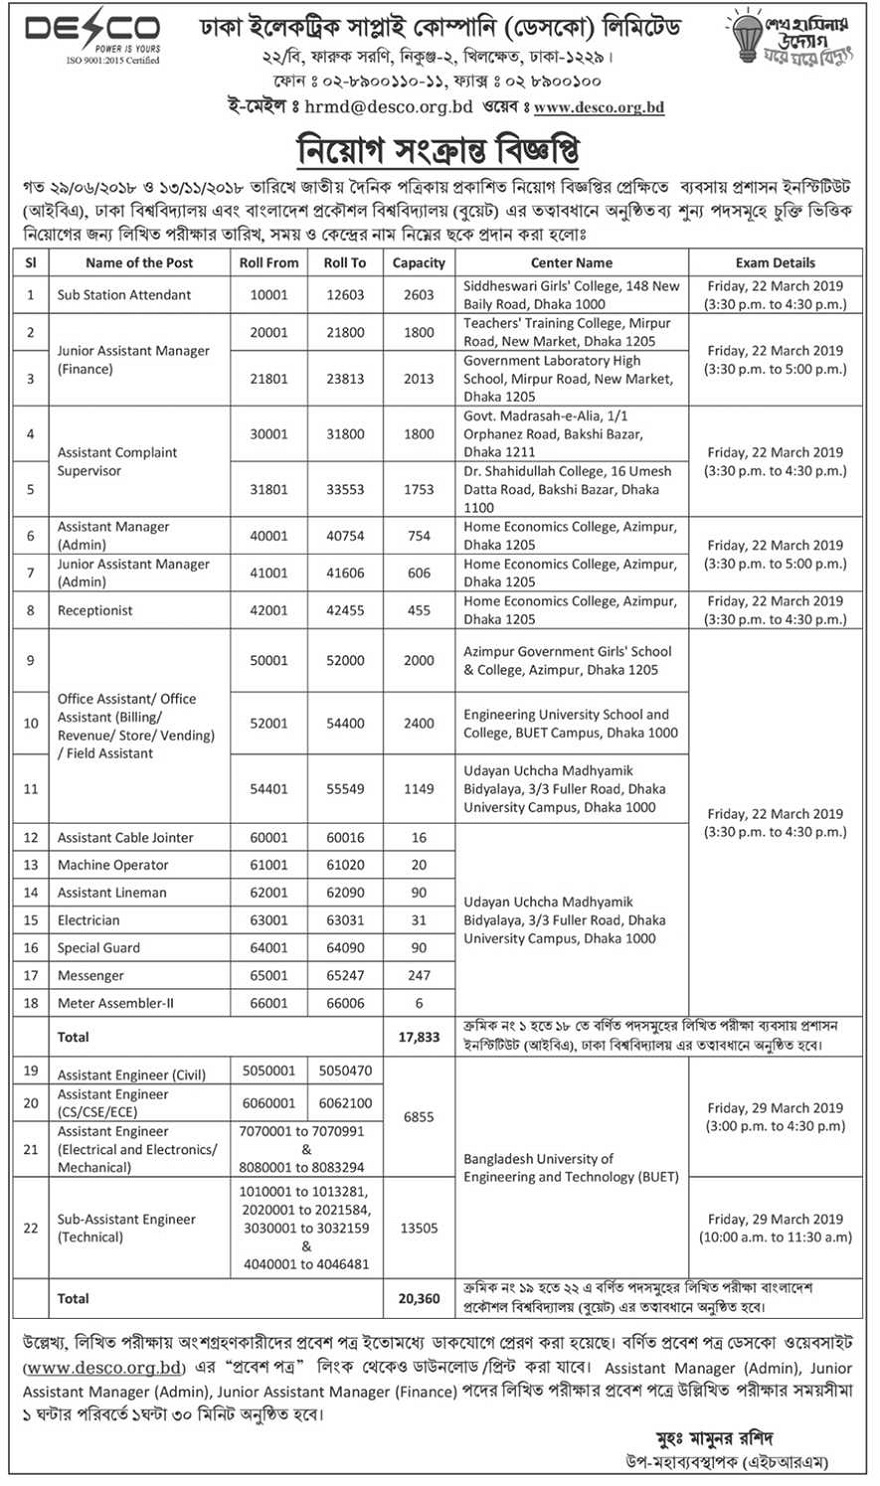 Dhaka Electric Supply Company (DESCO) Job Circular 2019